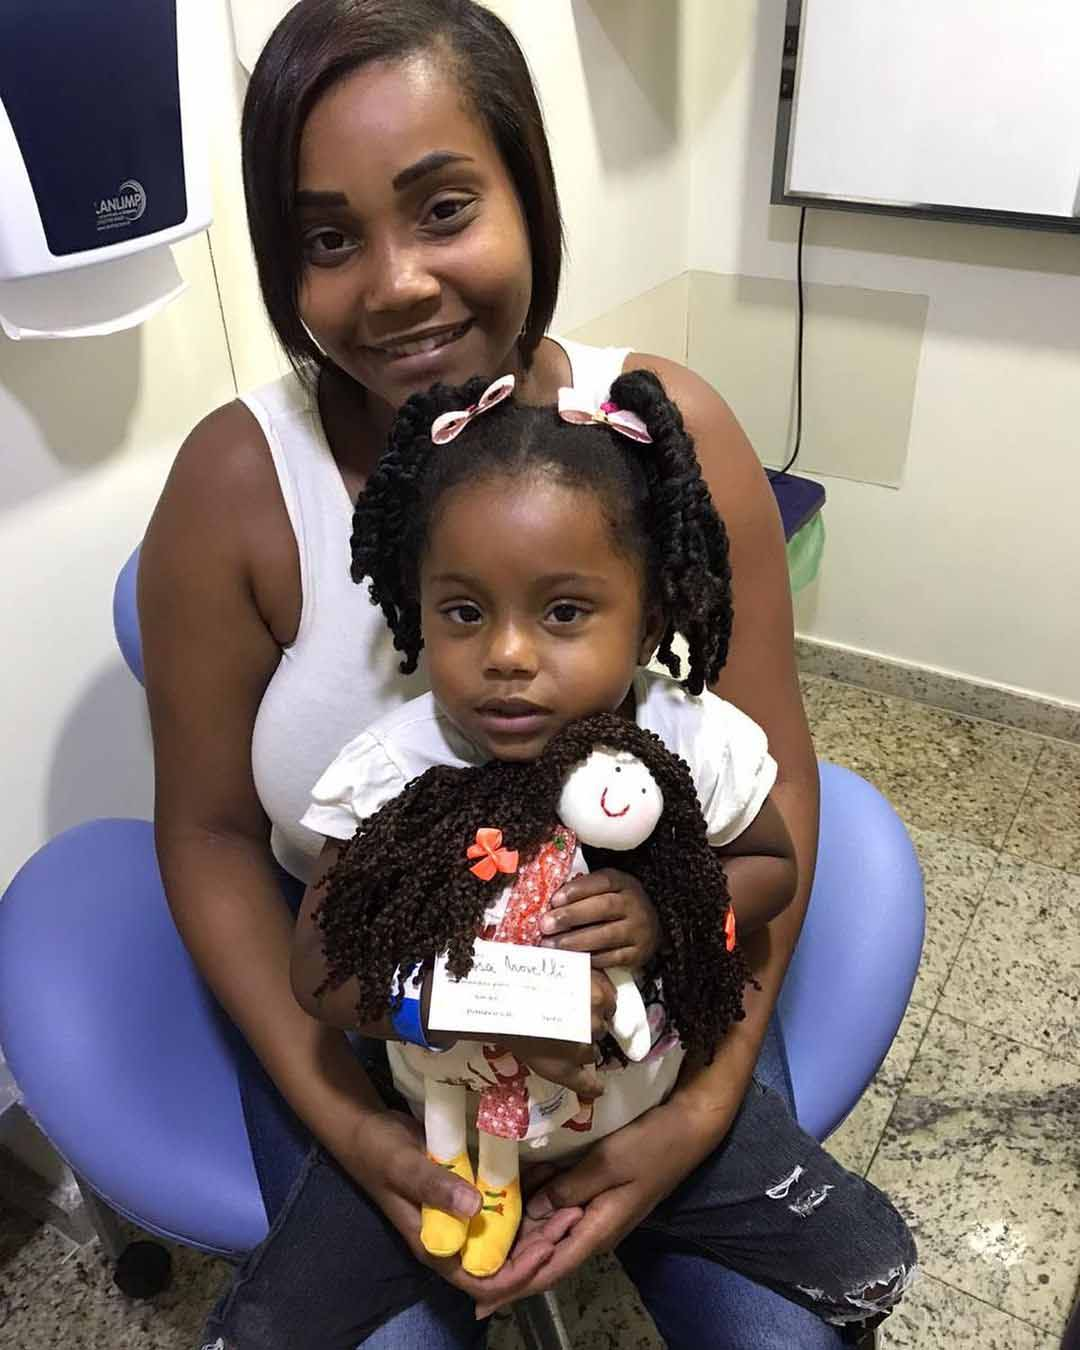 mãe com filha no colo segurando boneca terapêutica em hospital